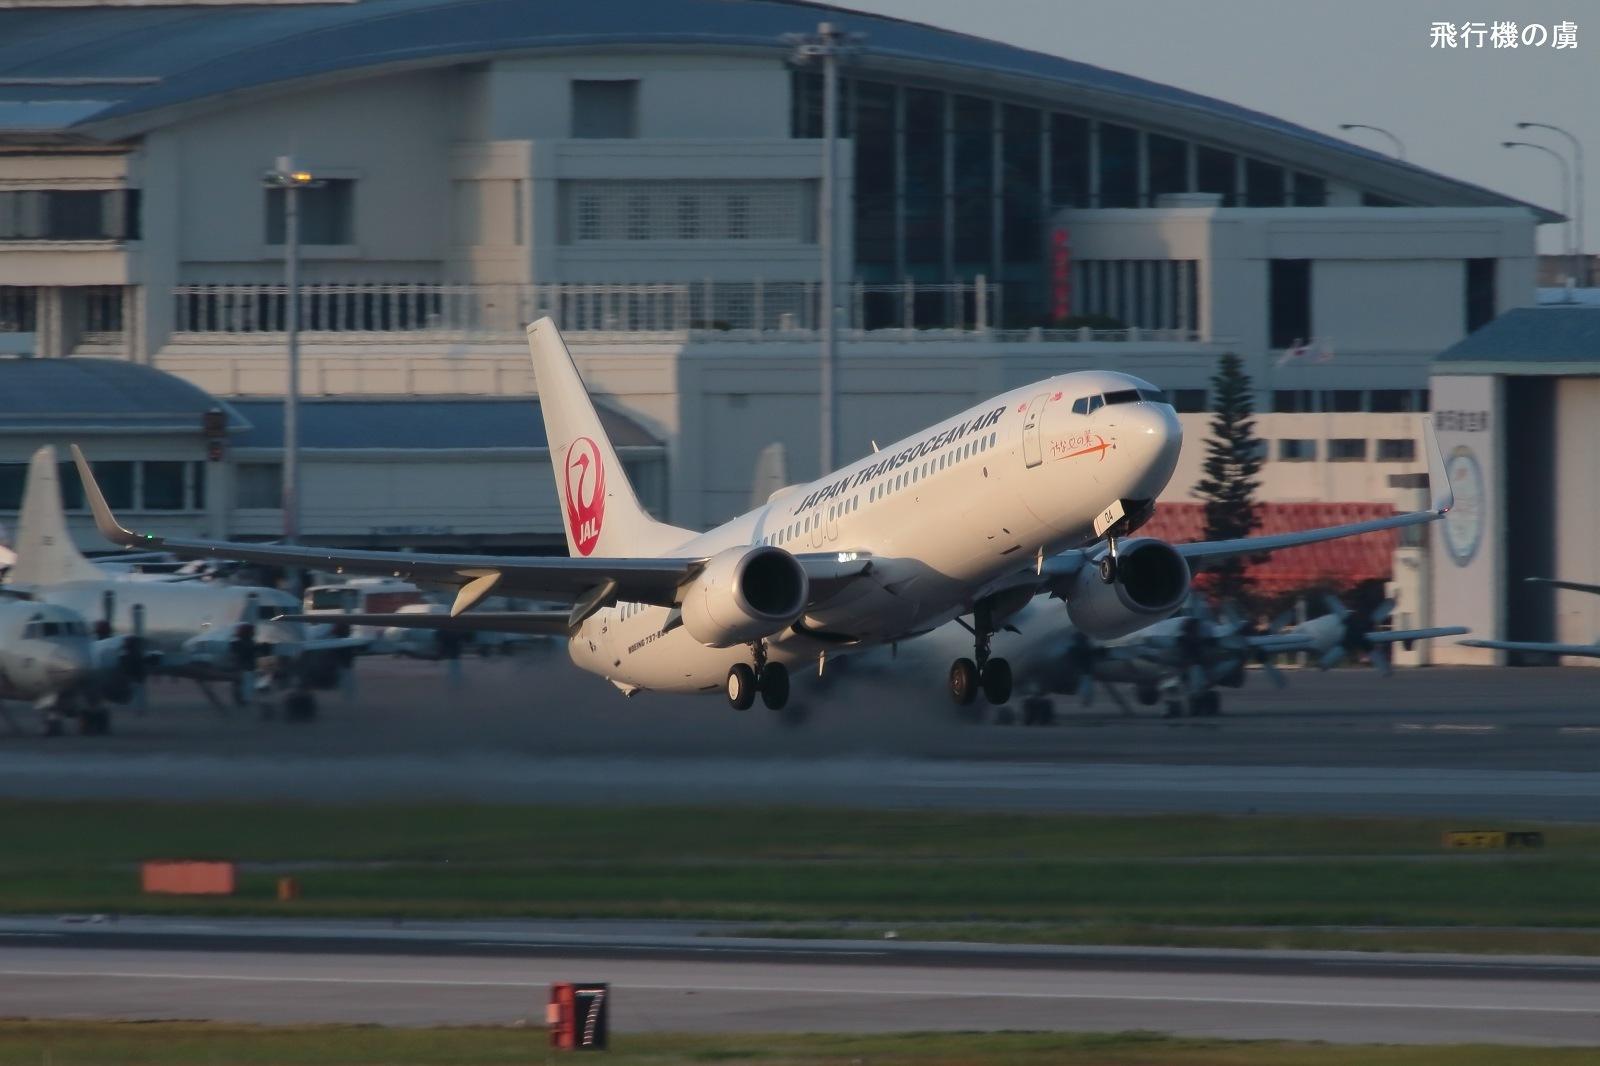 離陸  B737  日本トランスオーシャン航空(NU)_b0313338_21091273.jpg